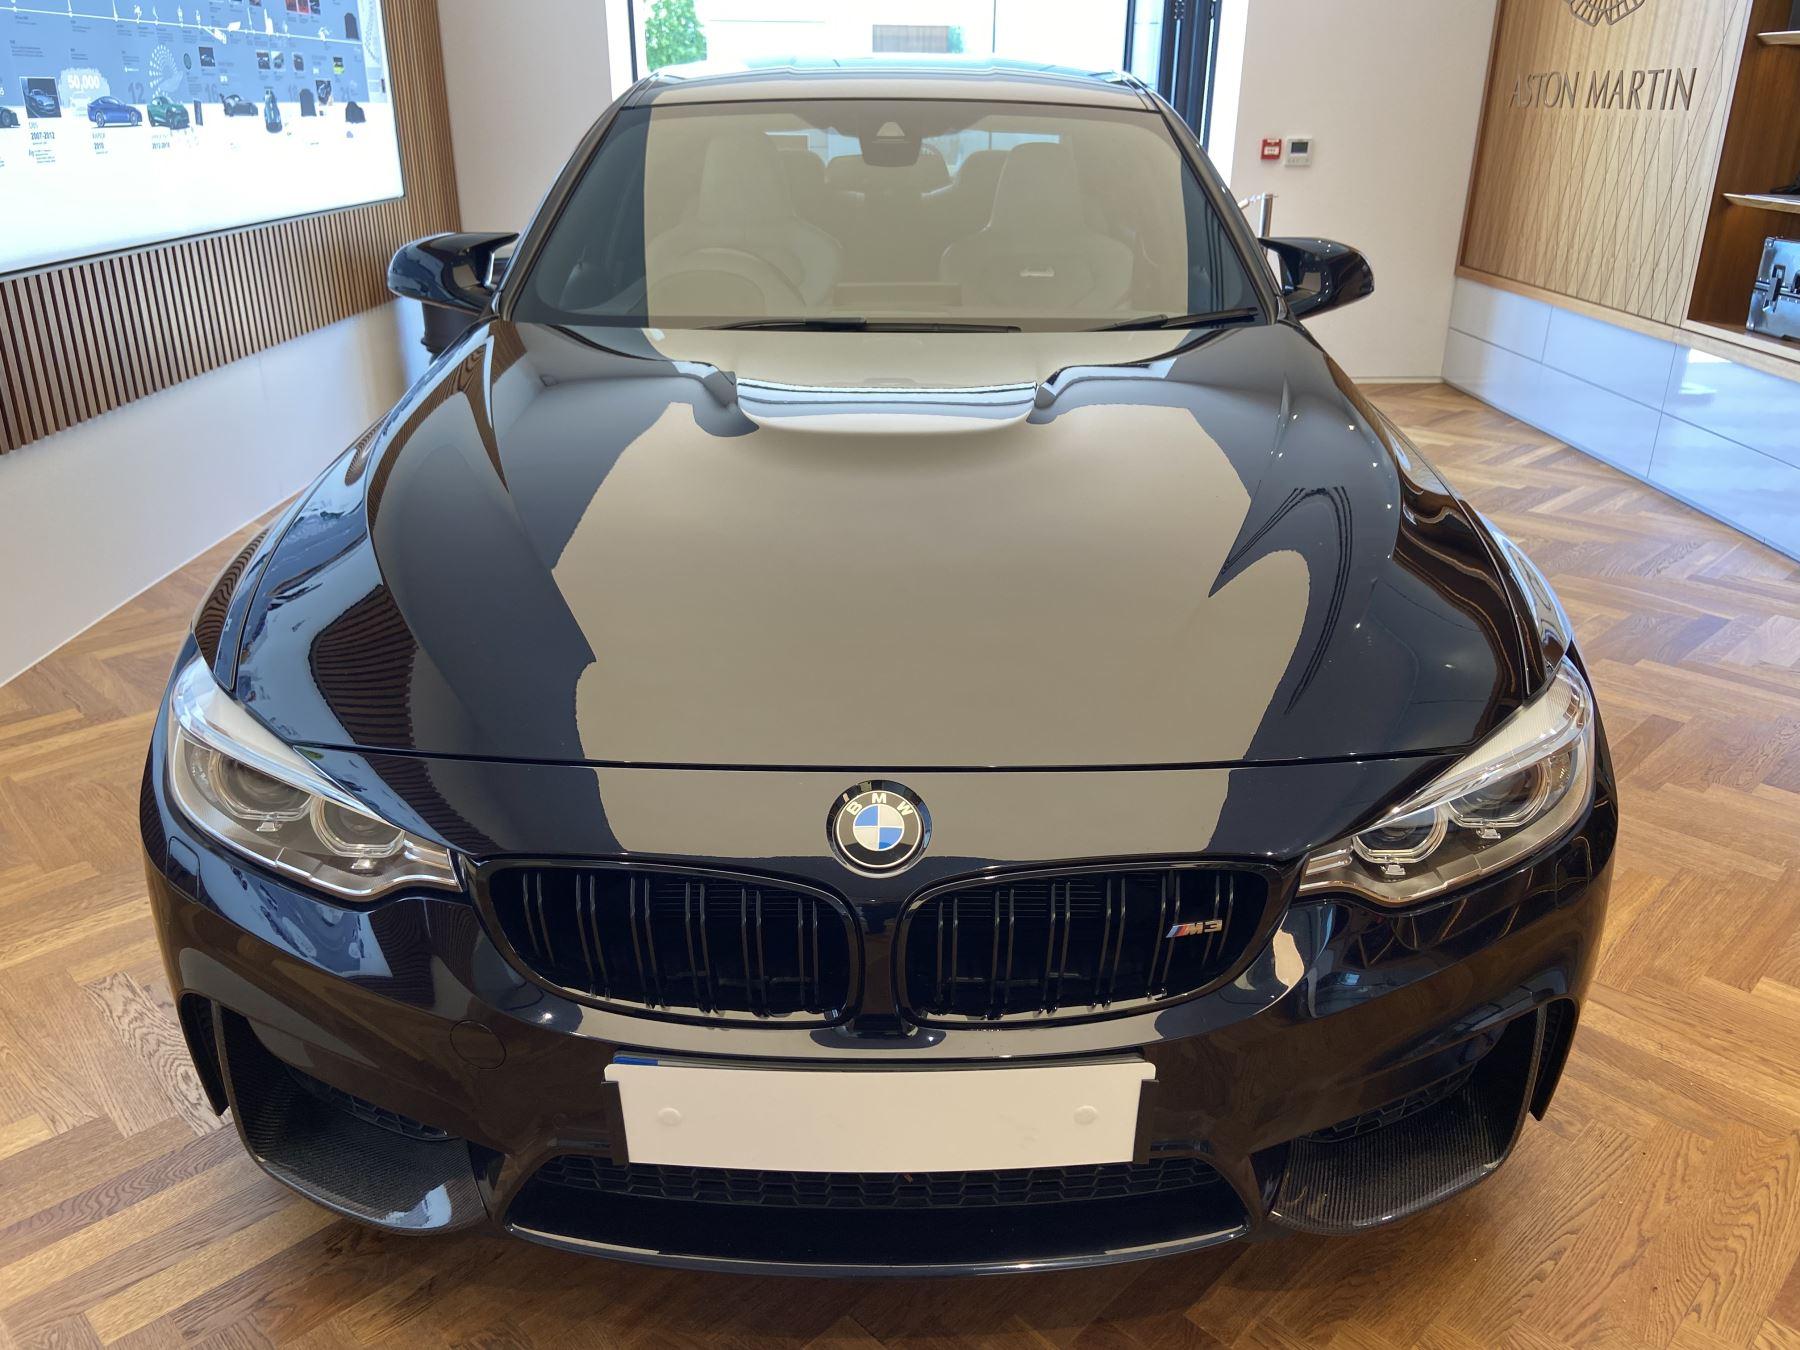 BMW M3 M3 Saloon Bi Turbo DCT  3.0 4 door (2016)